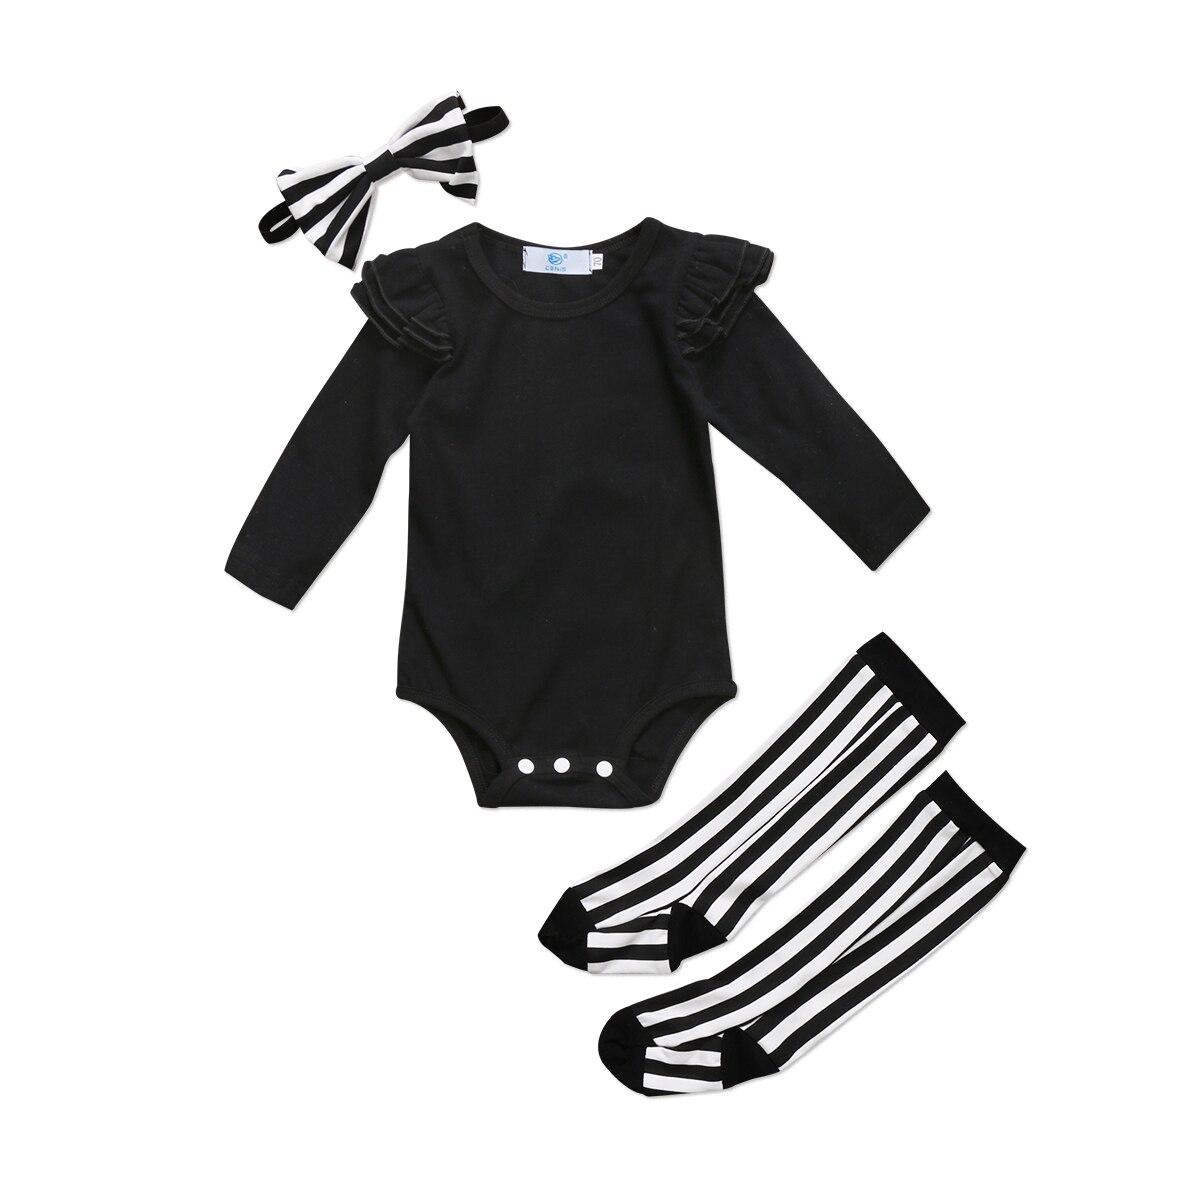 2017 Cool Zwart Gestreepte Pasgeboren Baby Baby Meisje Katoenen Playsuit Romper Been Warmer Outfits Voor Een Soepele Overdracht